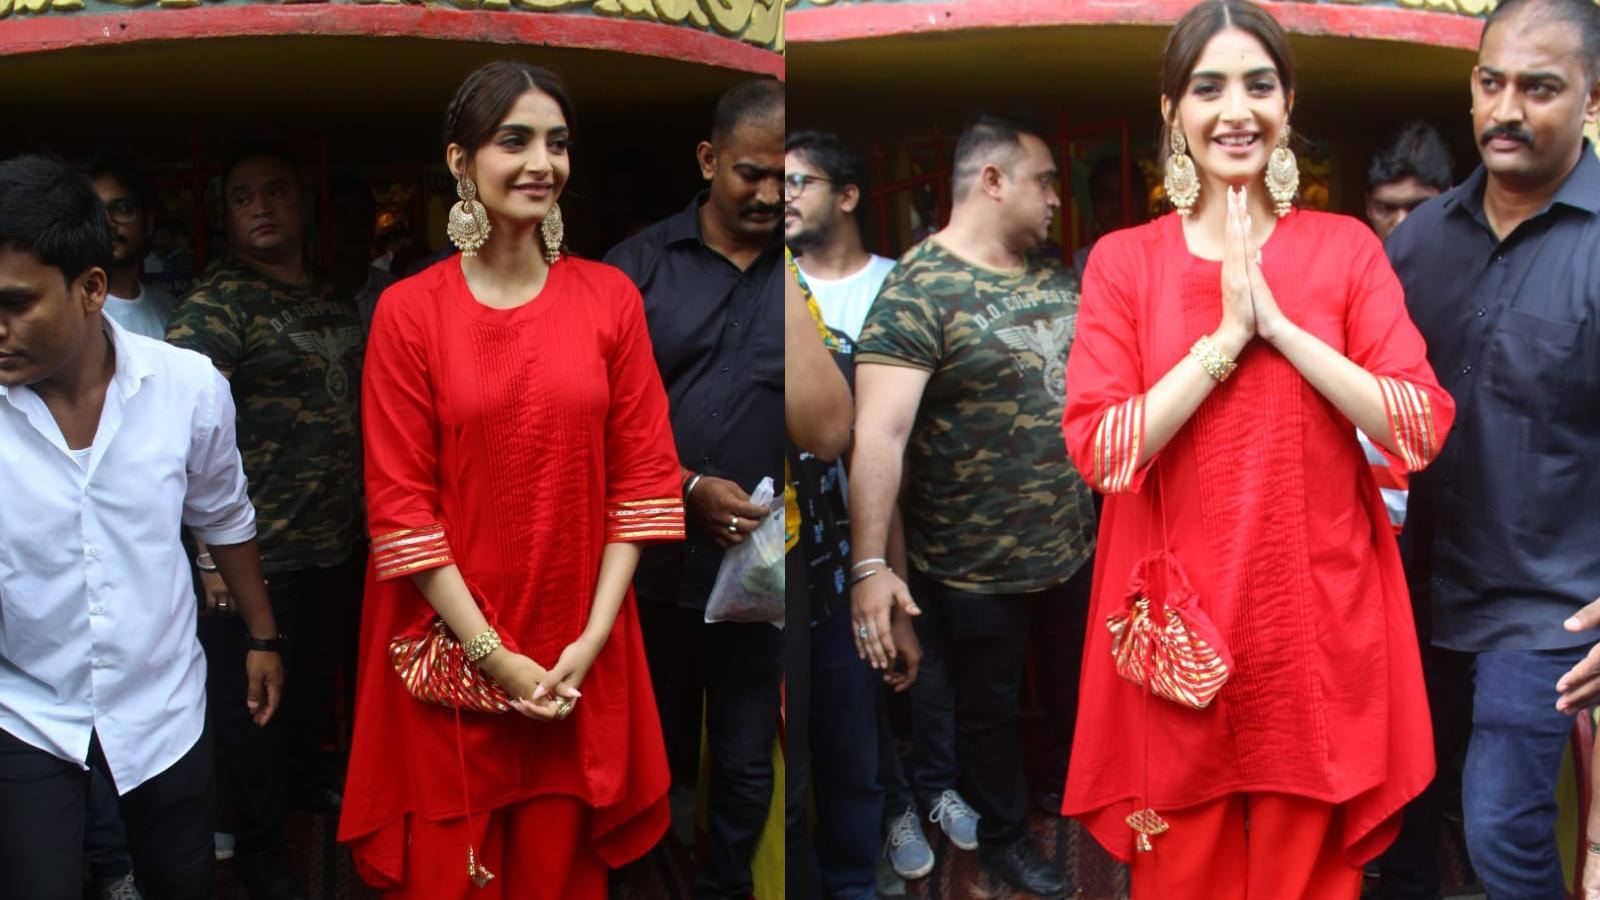 Sonam Kapoor visits 'Shree Mukteshwar Devalaya' in Mumbai